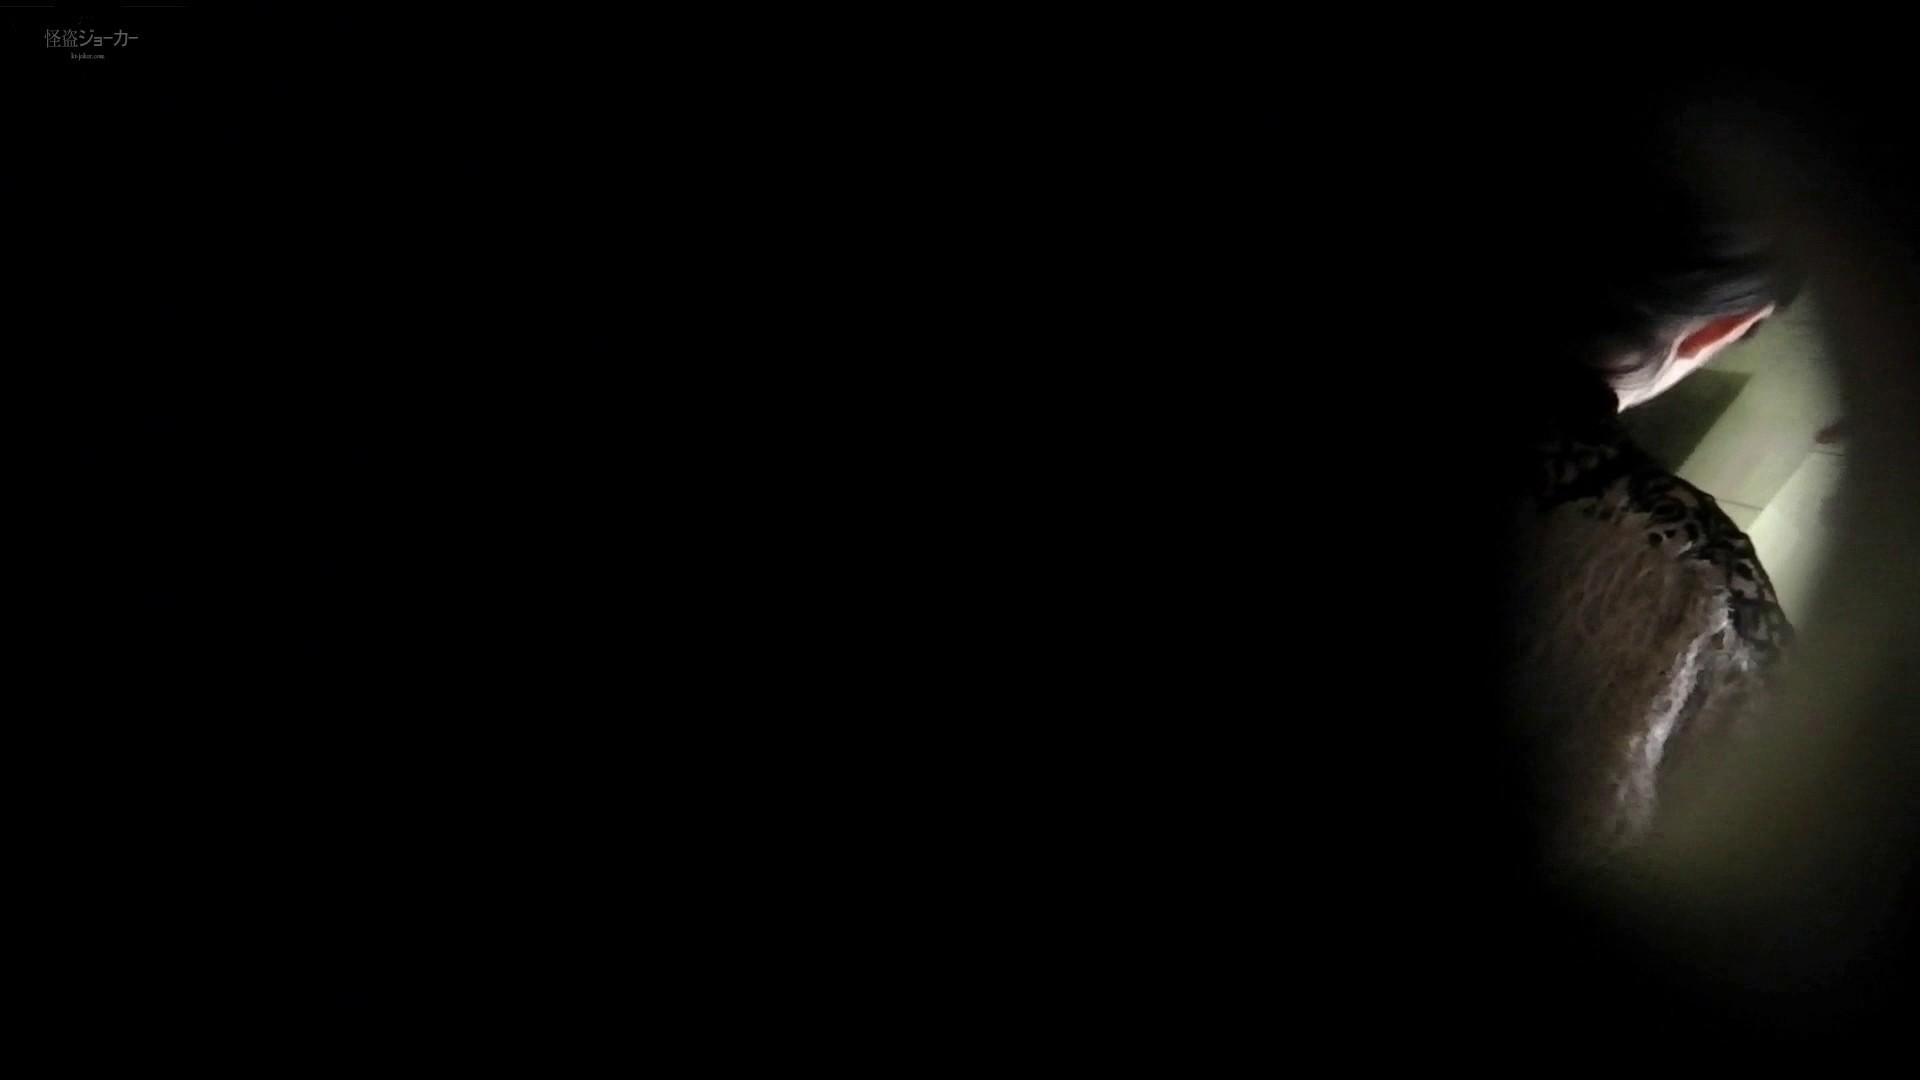 ステーション編 vol.25 必見桜庭みなみ?似 登場! ギャル達 オメコ無修正動画無料 105枚 14